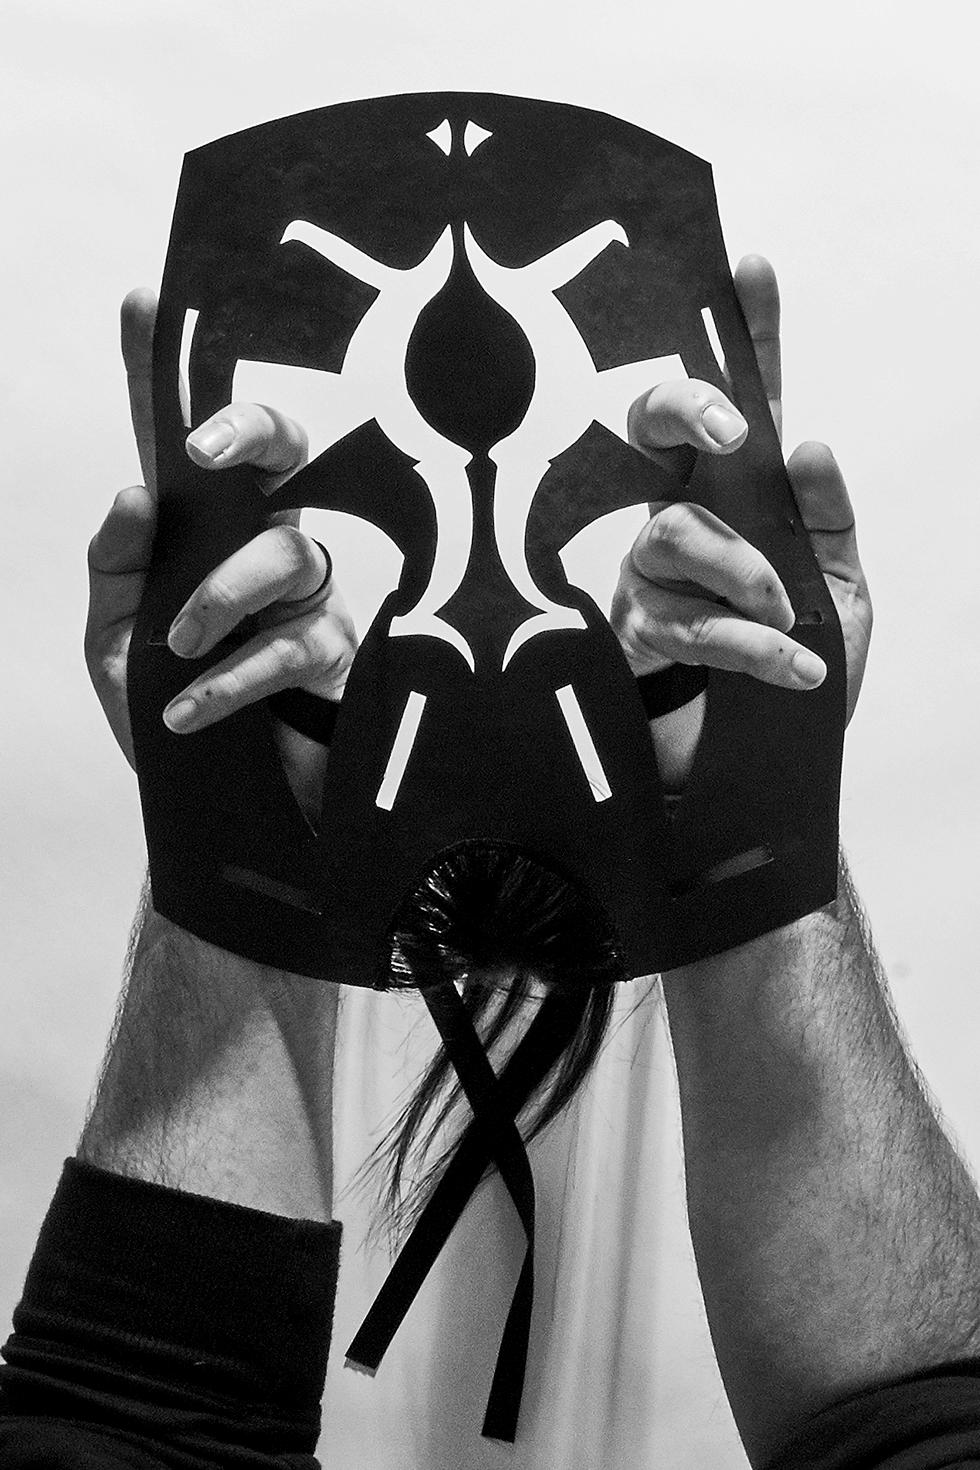 NICE SOLO mask